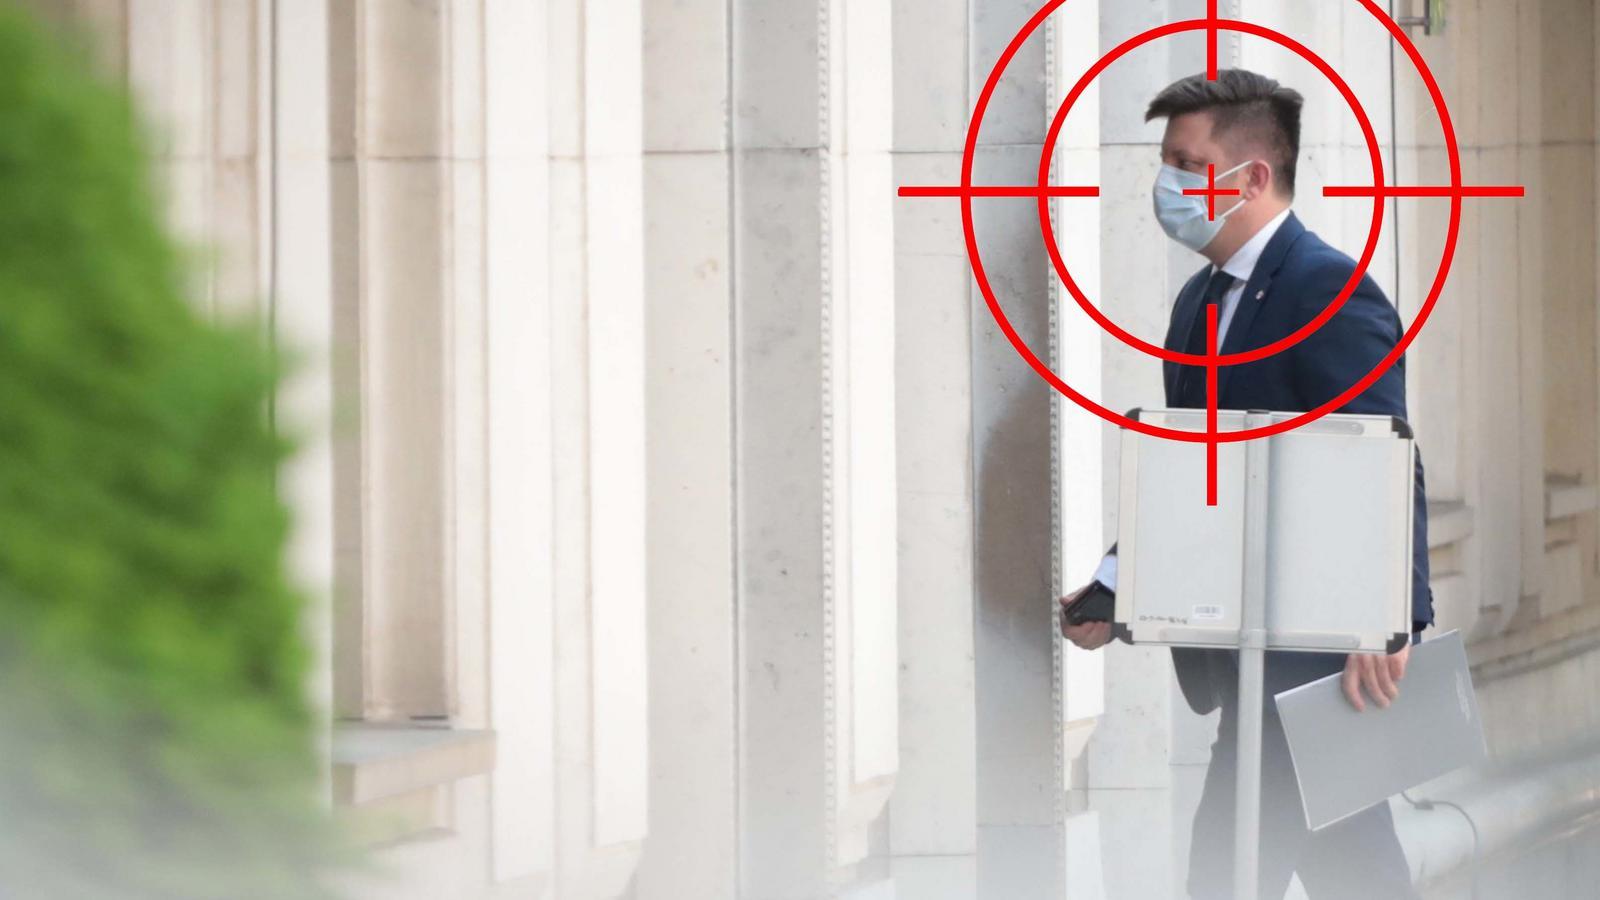 Minister zawinił, dziennikarza zawiesili. Co wynika z maili Dworczyka?